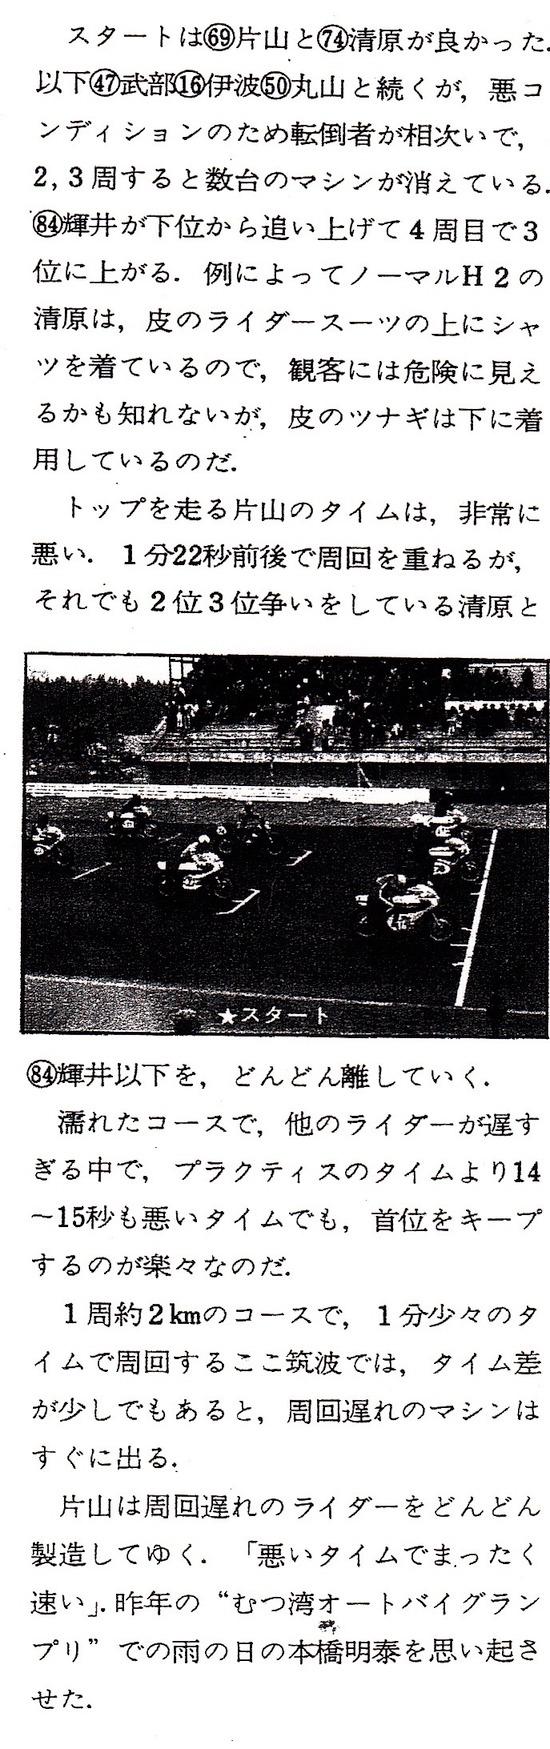 73年 MFJ筑波ロードレース 第1戦_001123 7